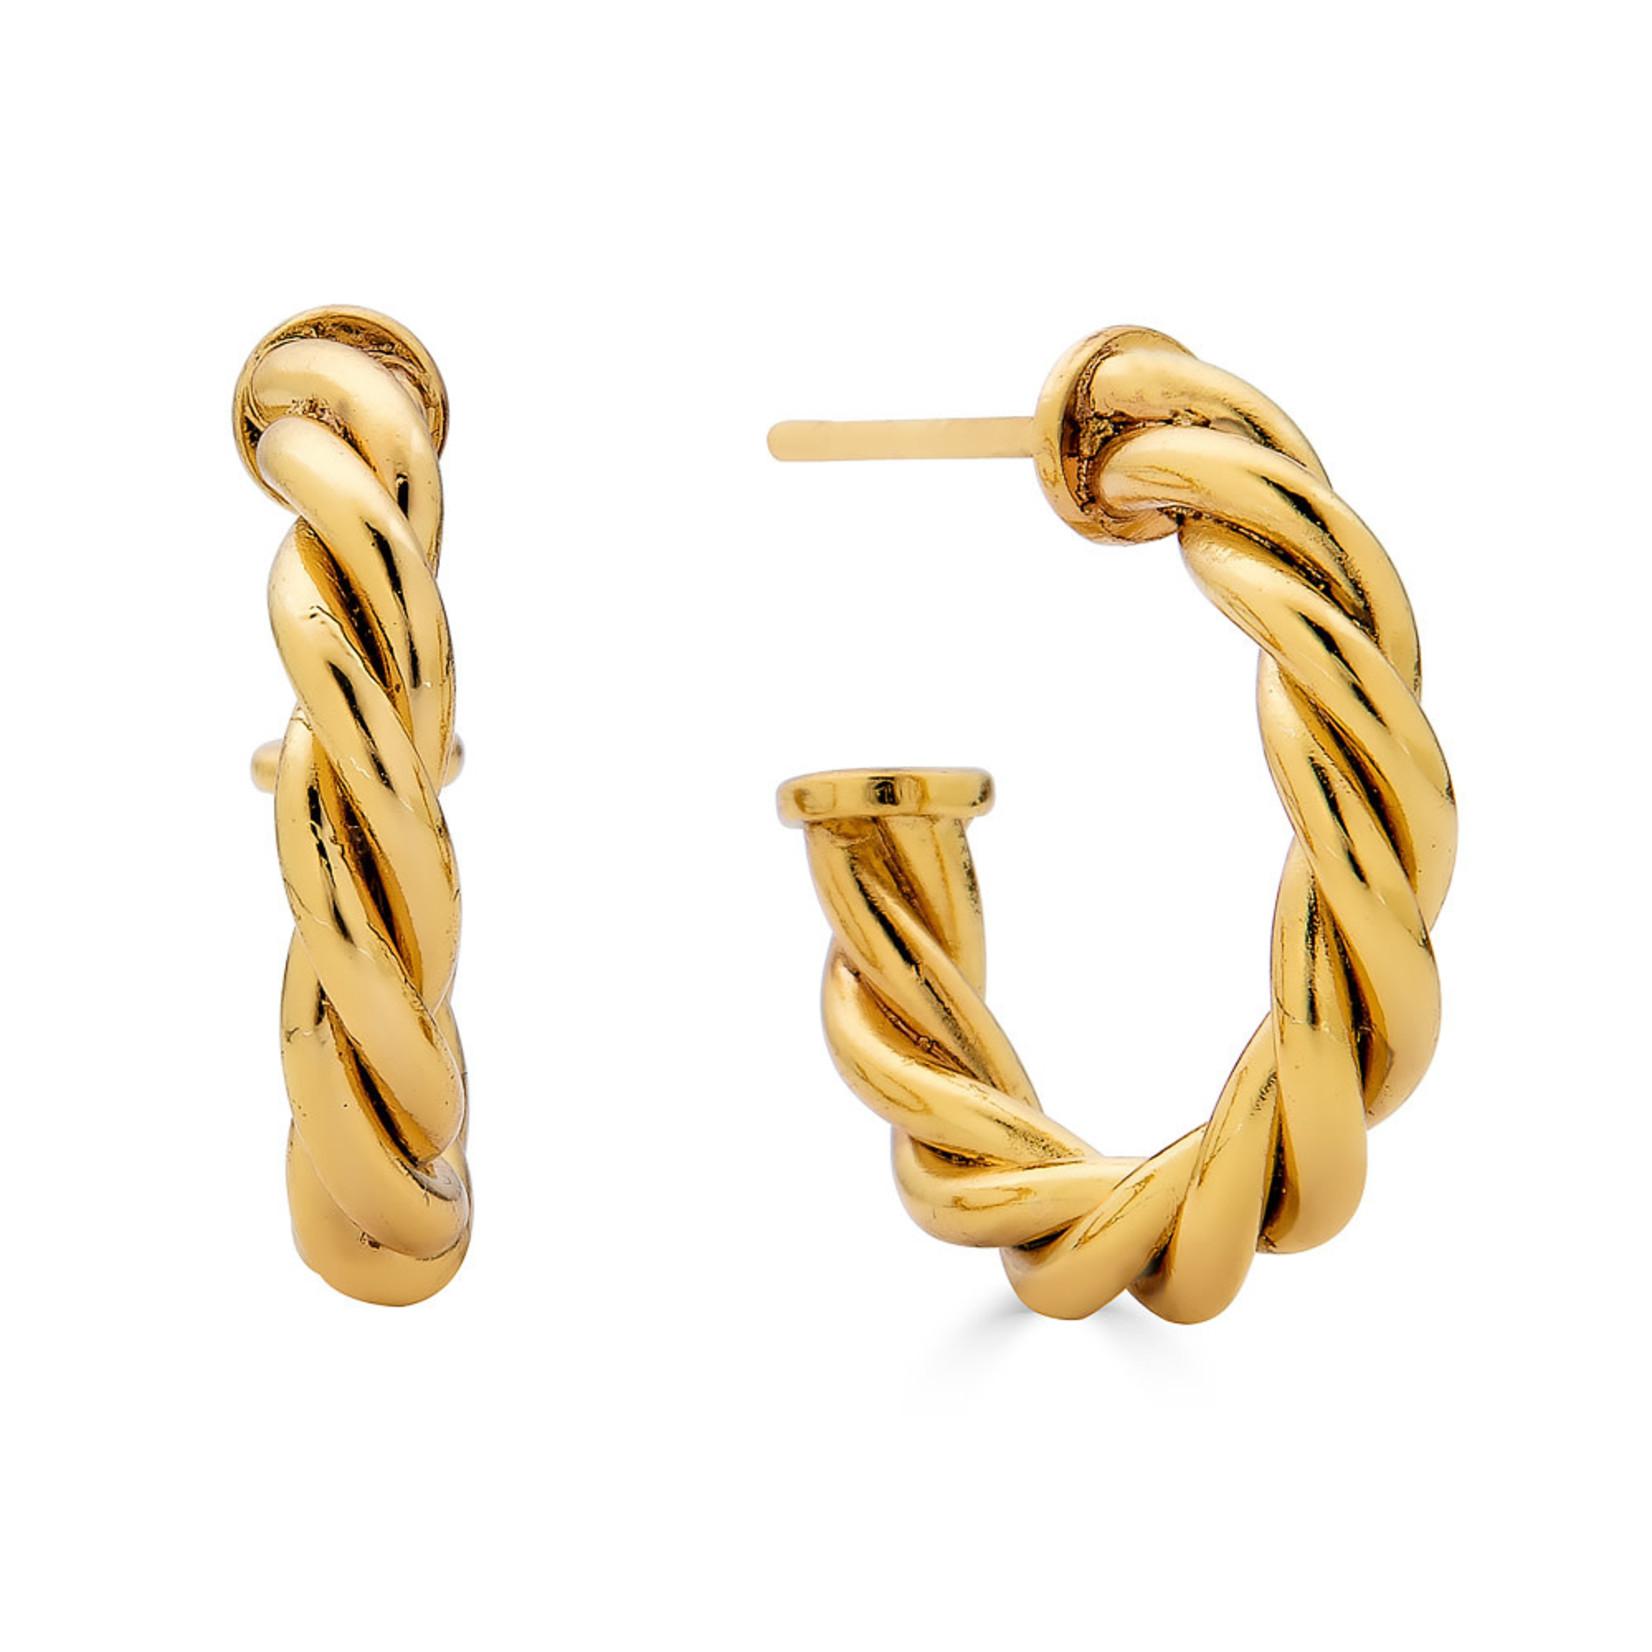 Rendor Kim Hoop Earrings